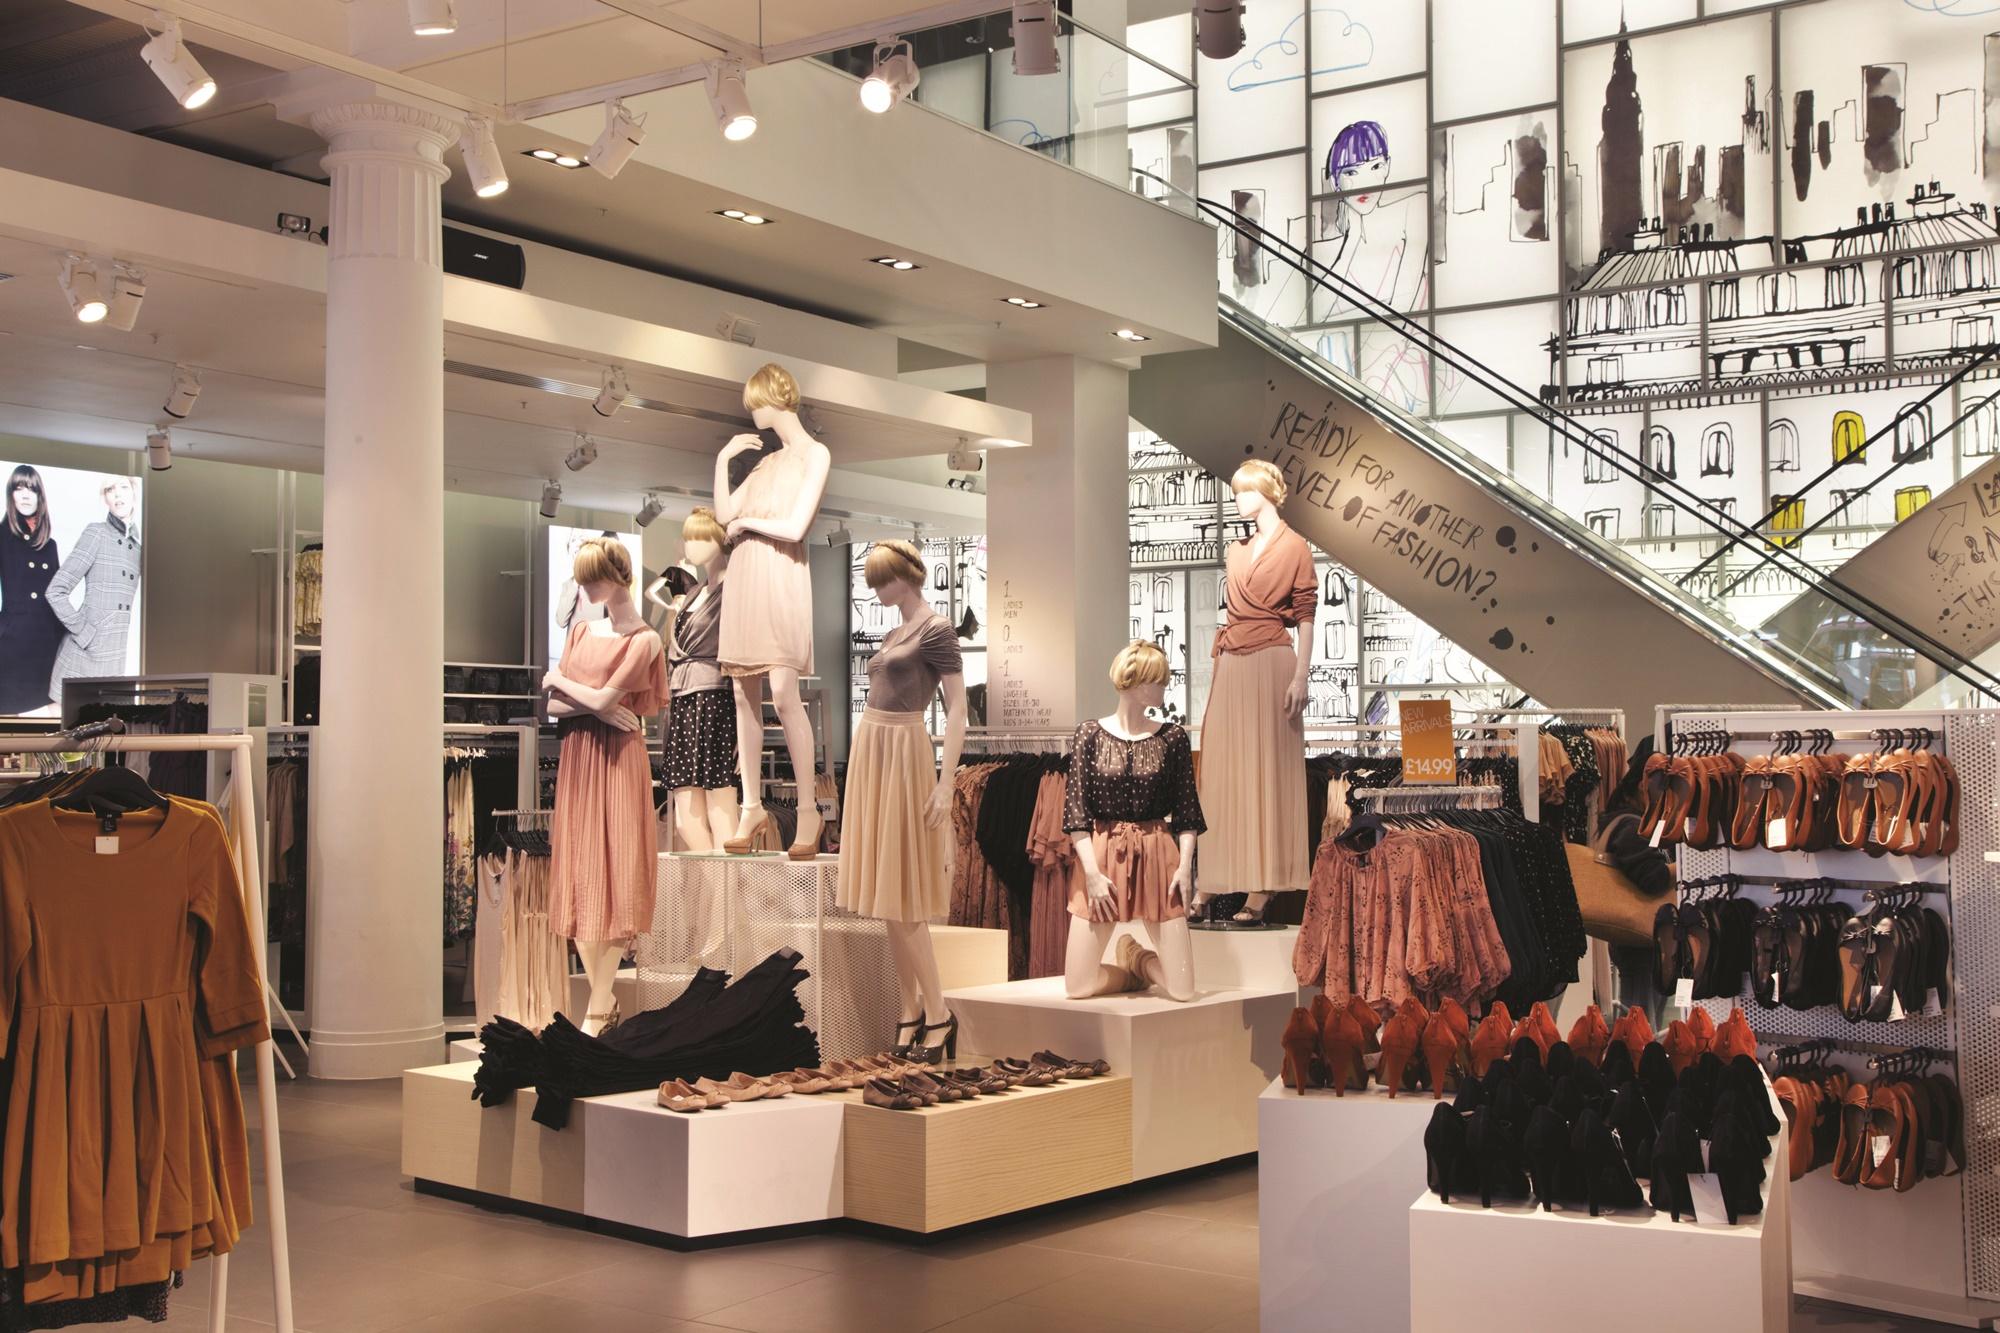 Auf Schaufensterpuppen dekorierte Kleidungskombinationen erleichtern es den Kunden, sich ein ganzes Outfit vorzustellen und erhöhen den Wunsch das ganze Set zu kaufen.